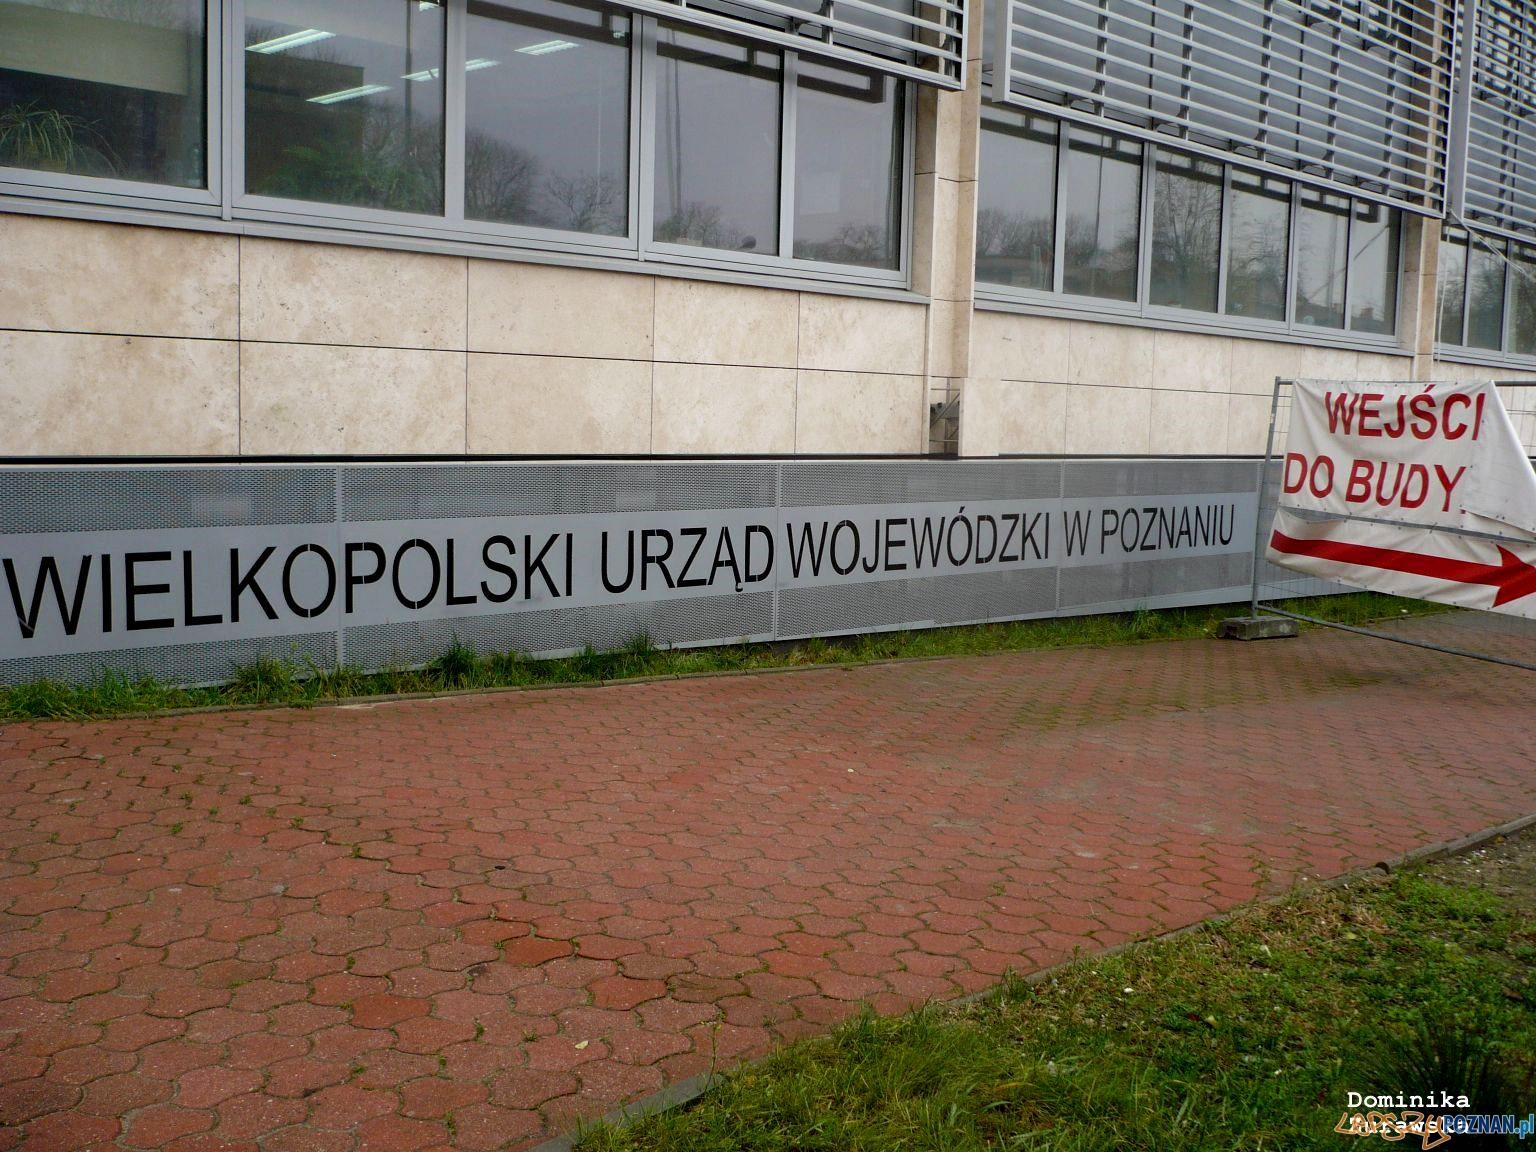 Wielkopolski Urząd Wojewódzki  Foto: